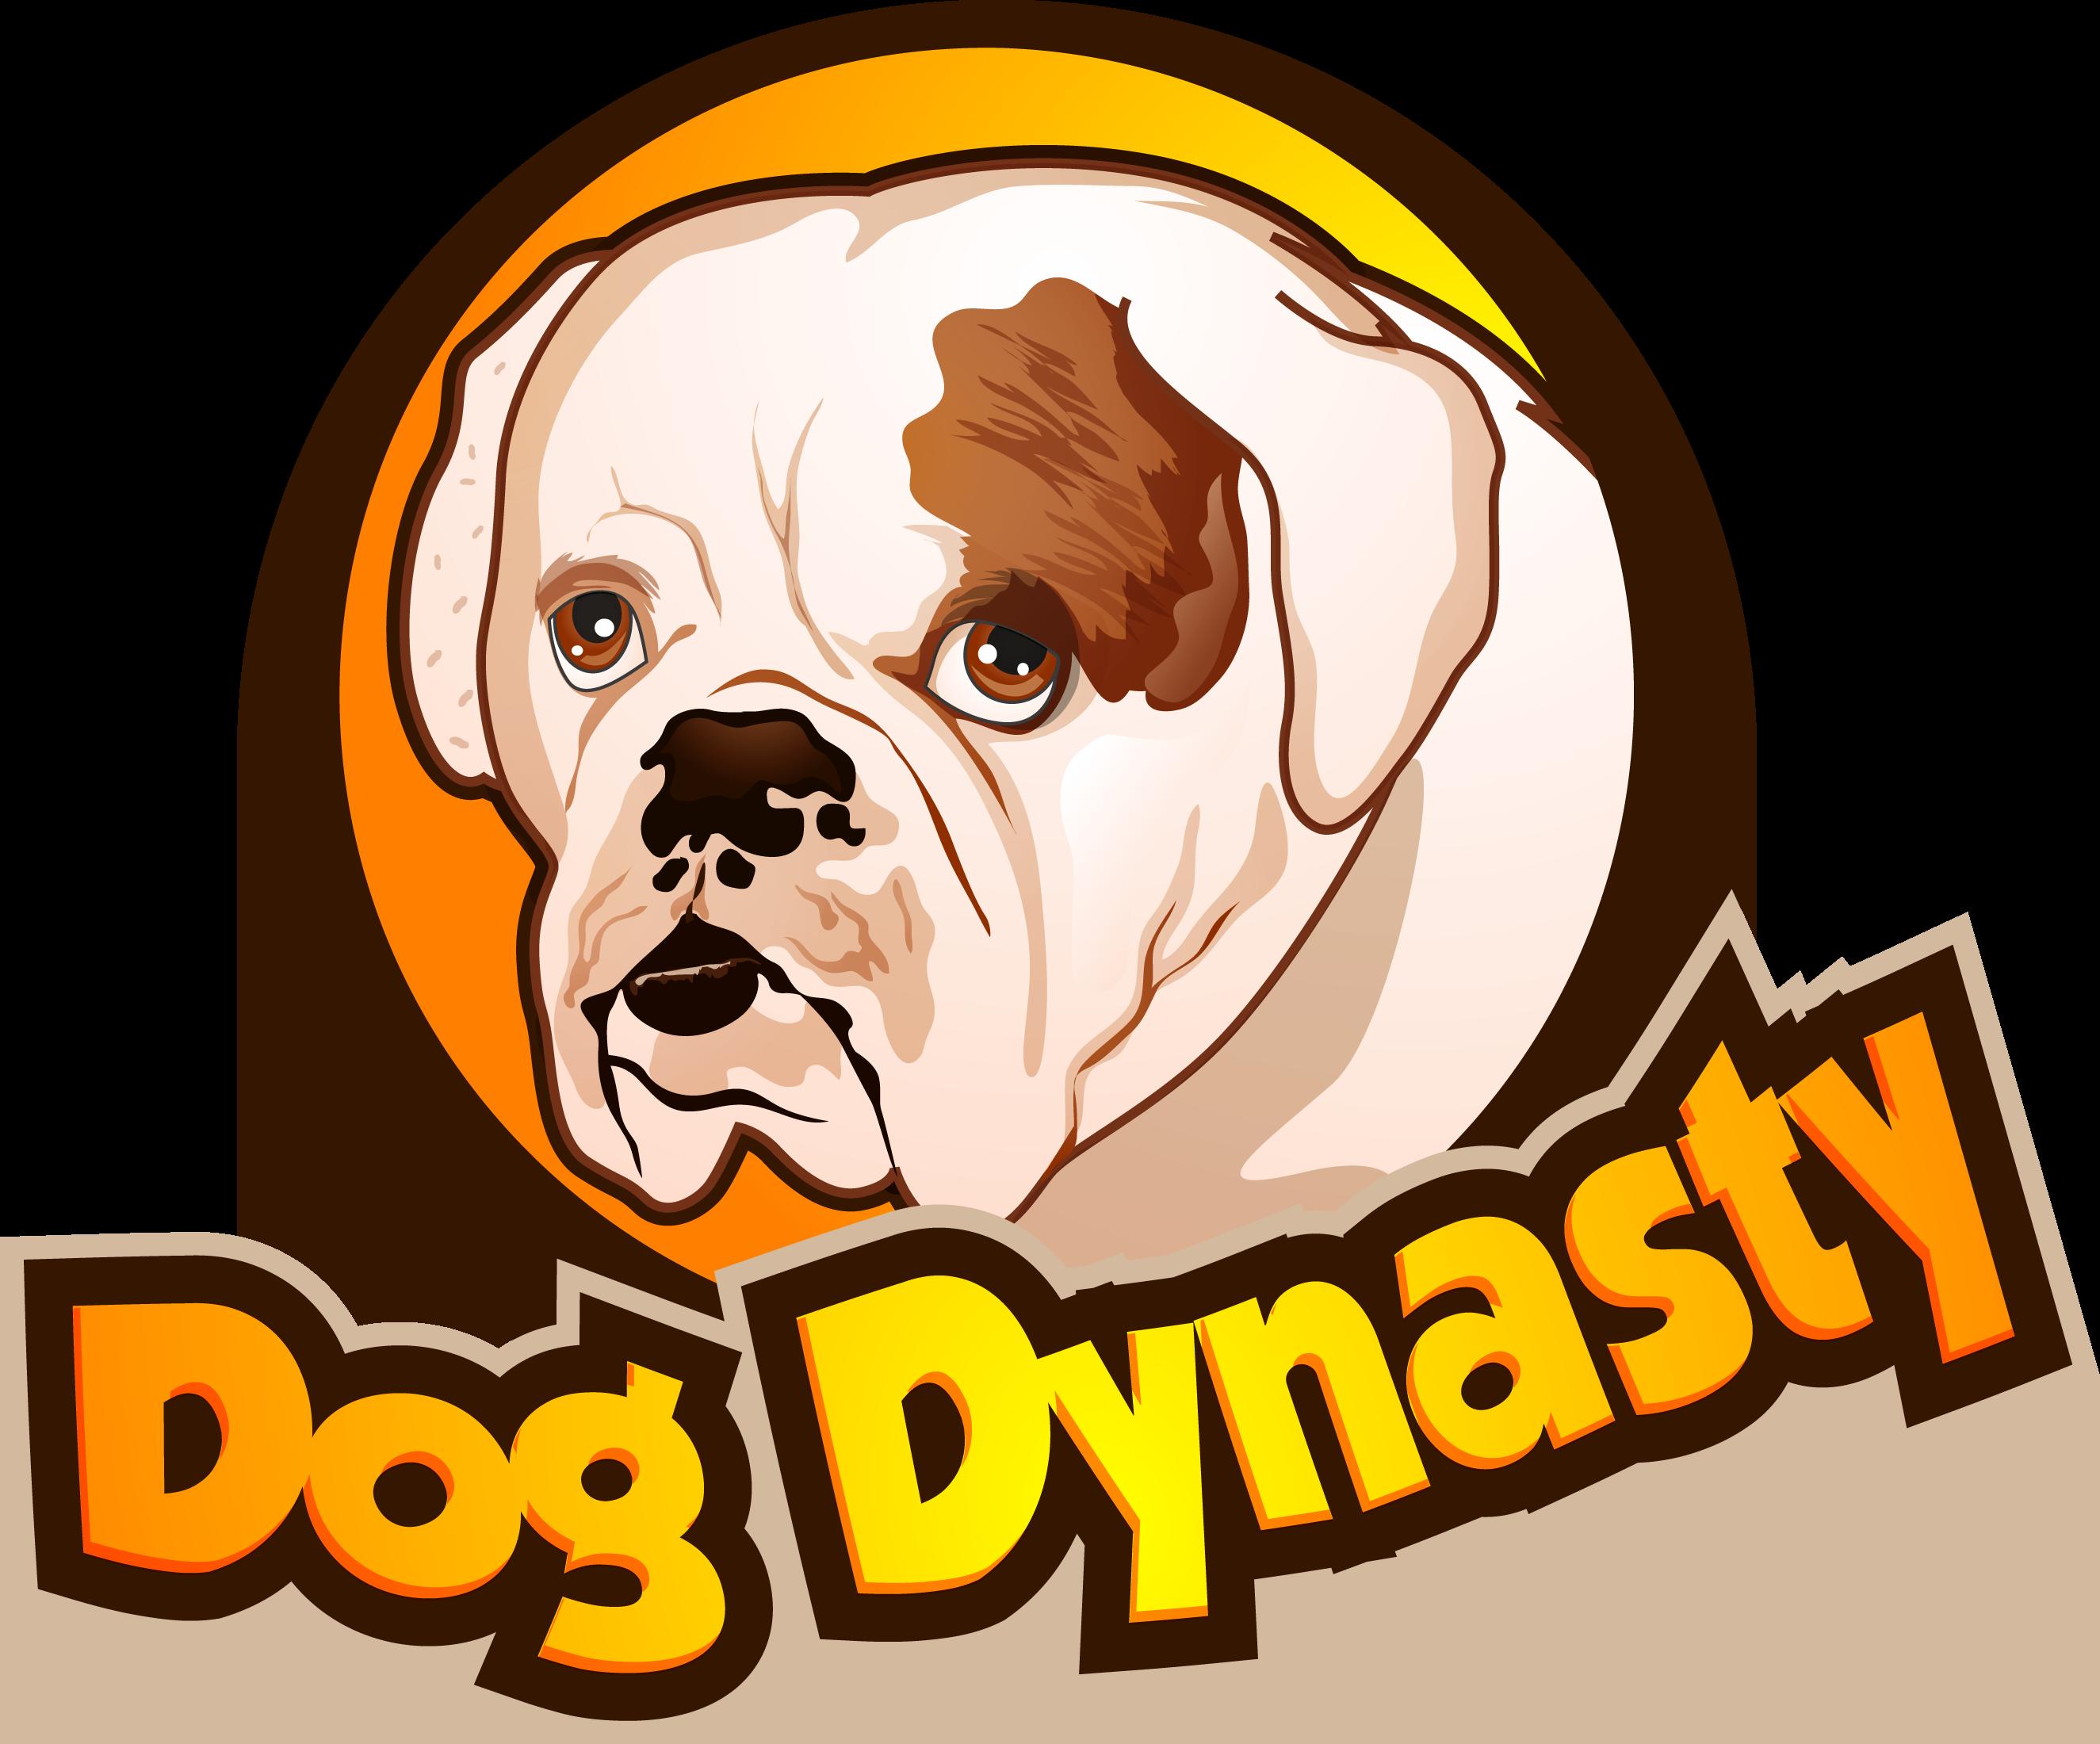 Dogdynasty . Pet clipart loyal dog